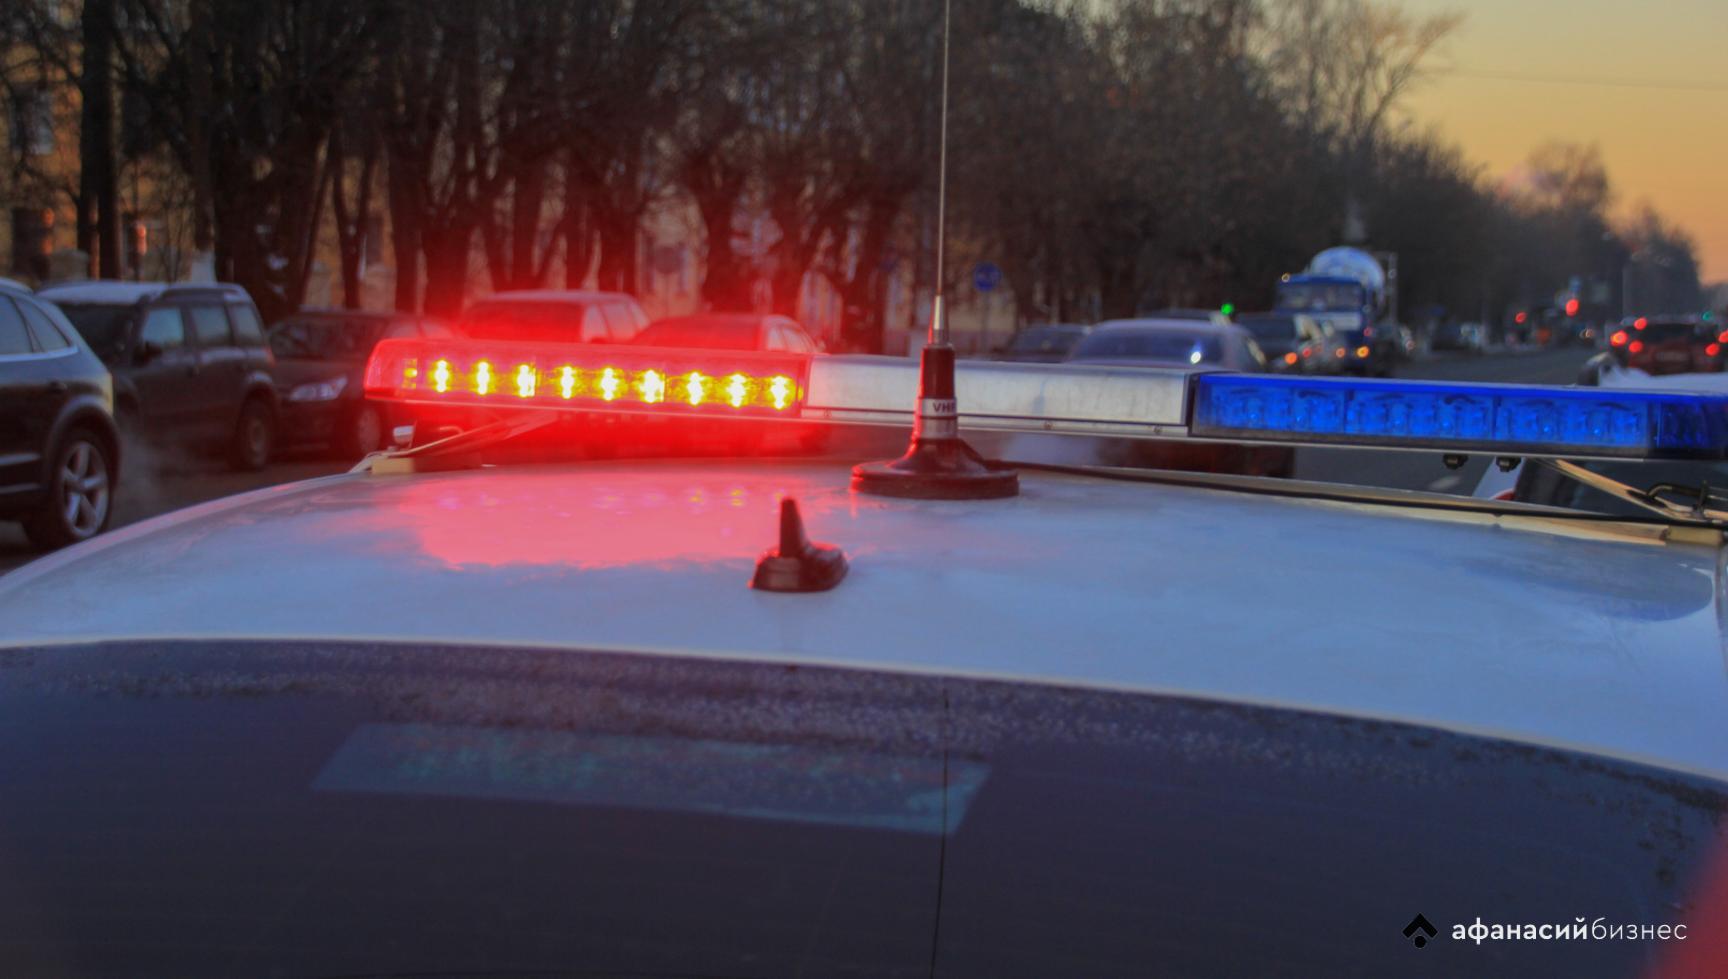 В Тверской области в столкновении эвакуатора и иномарки пострадал человек - новости Афанасий